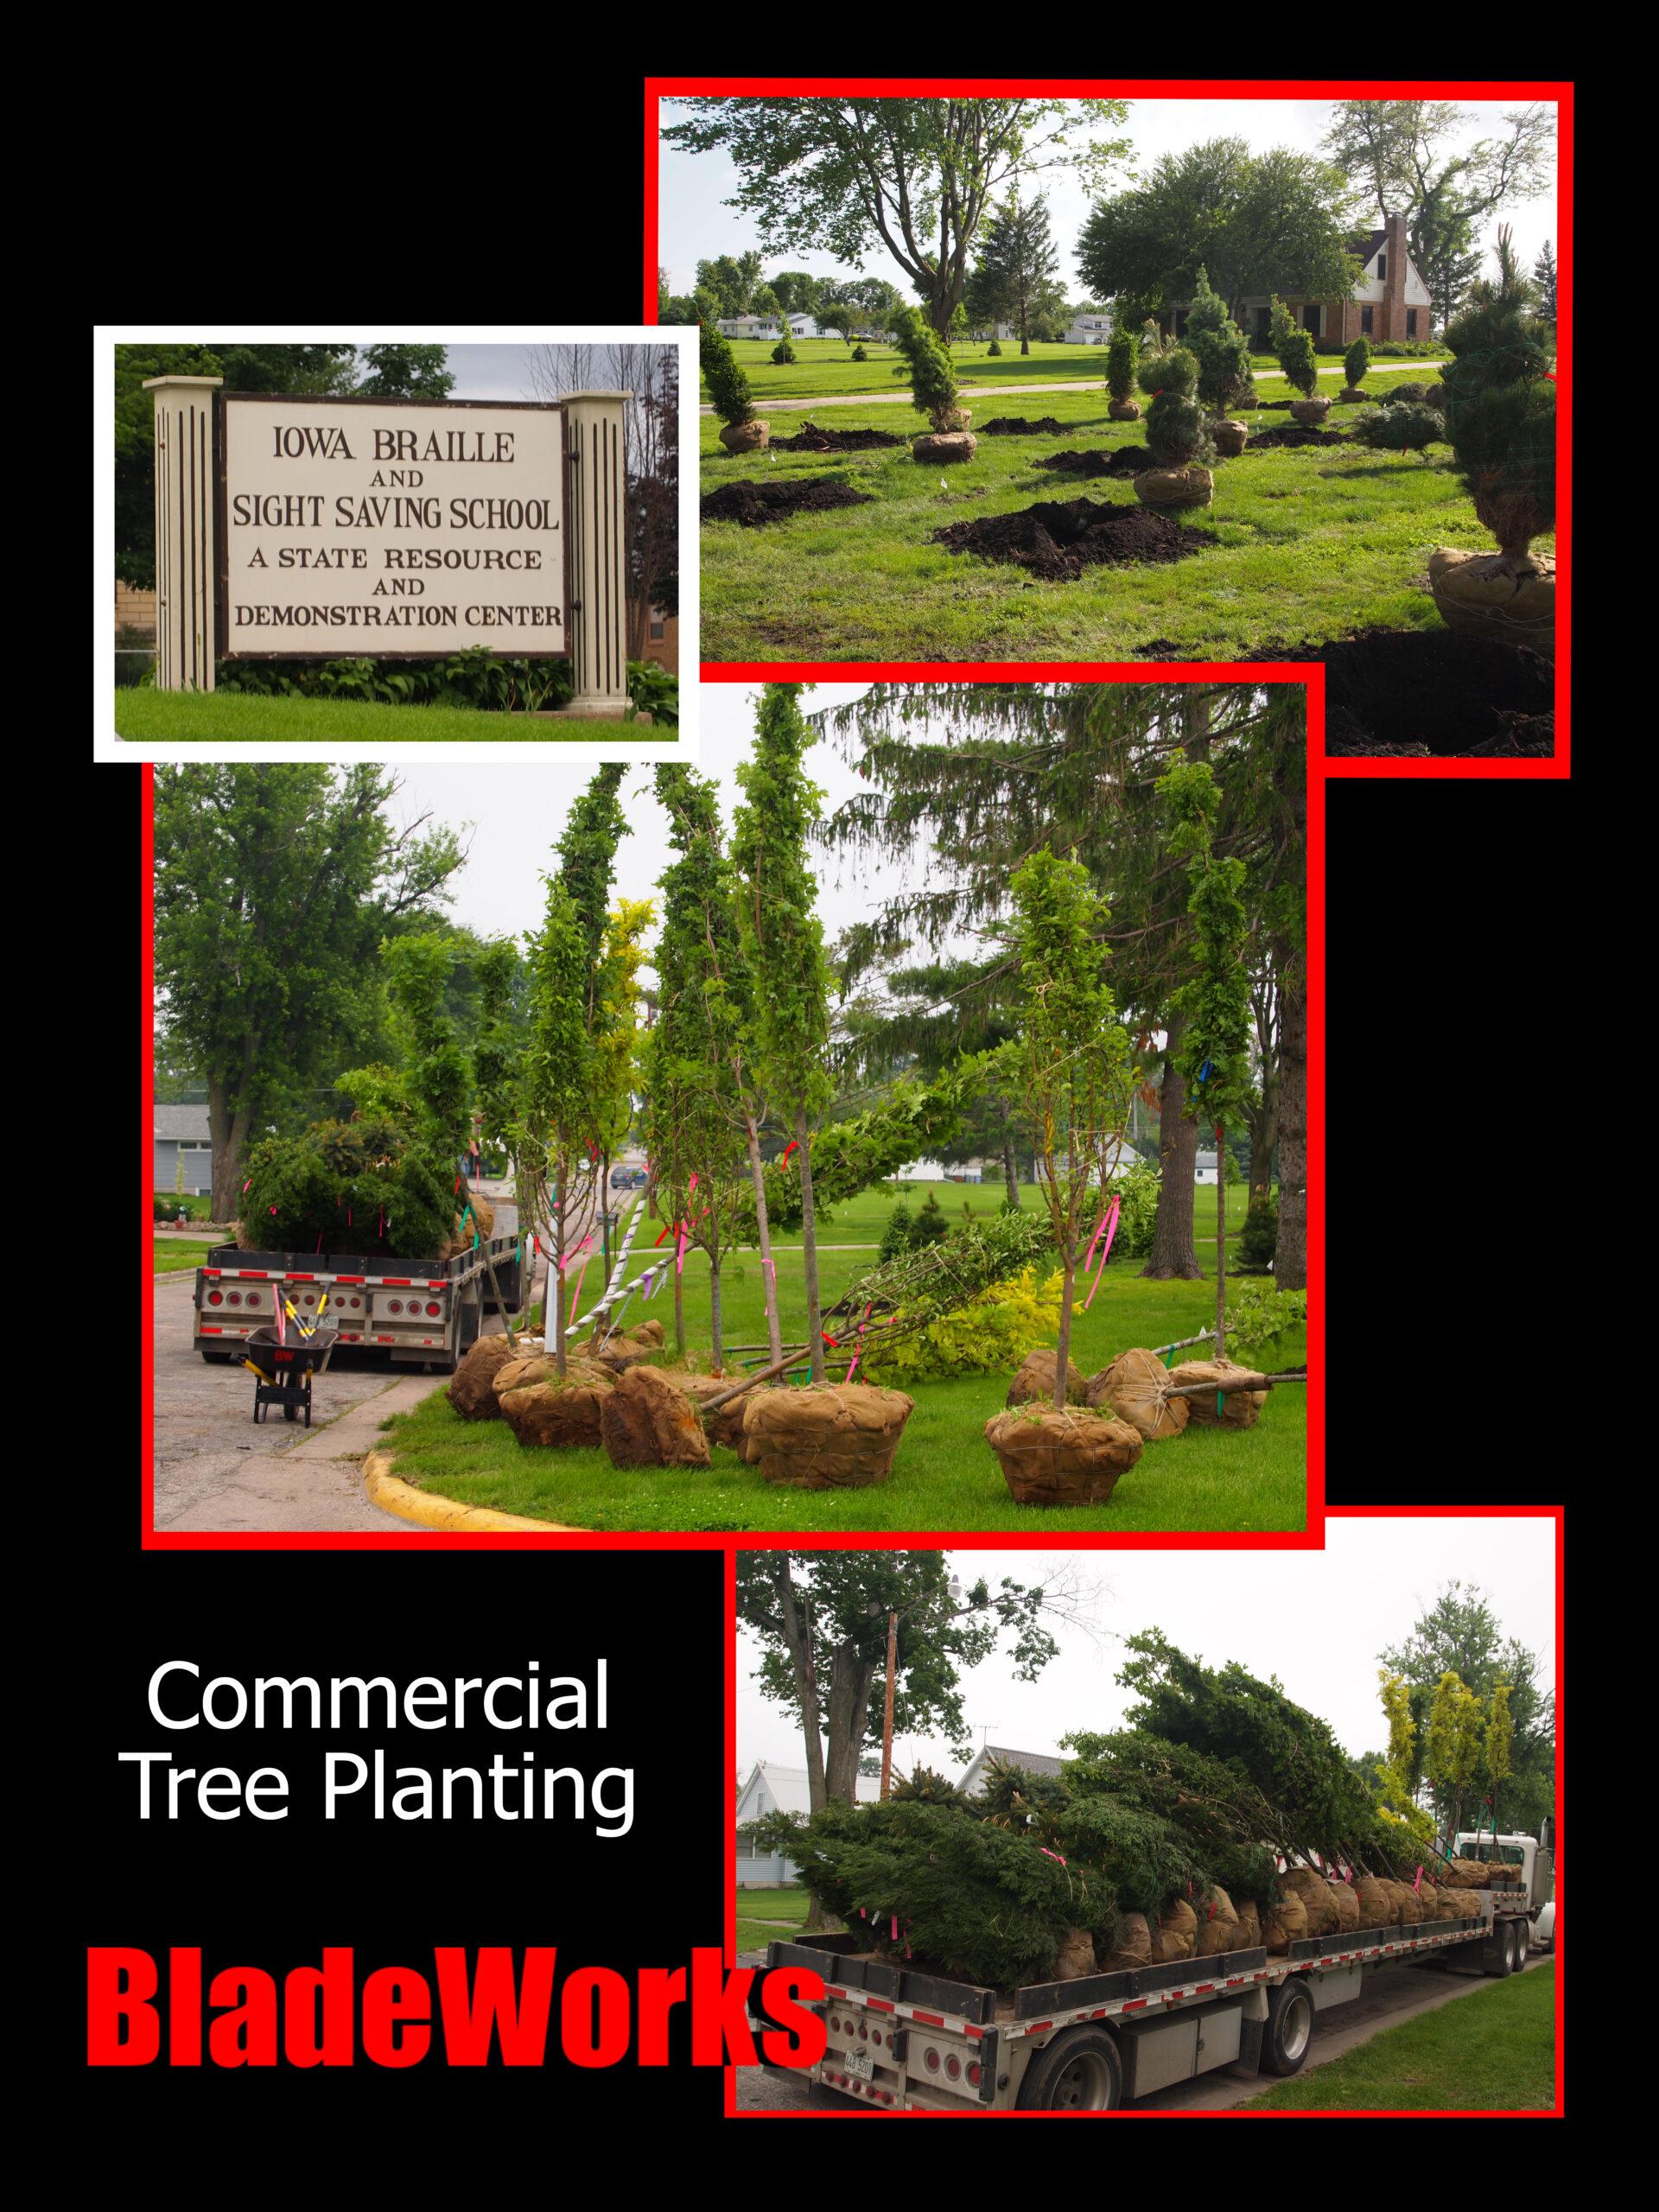 BladeWorks Tree Planting